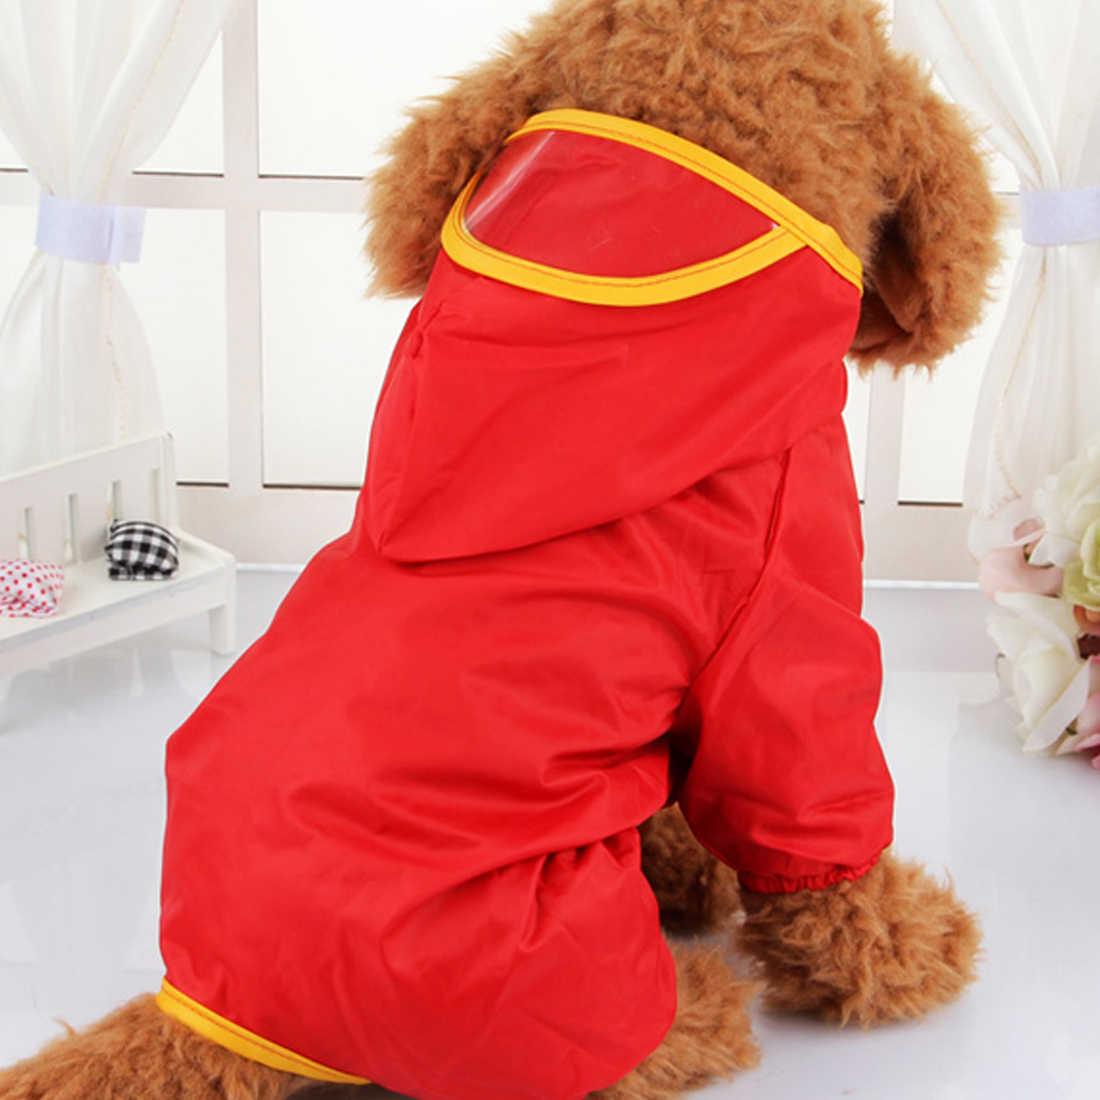 Hond Kleding voor Honden Puppy Regenjas Outdoor Wandelen Waterdichte Regenhoes Water Bescherming Kleding voor Kleine Grote Hond